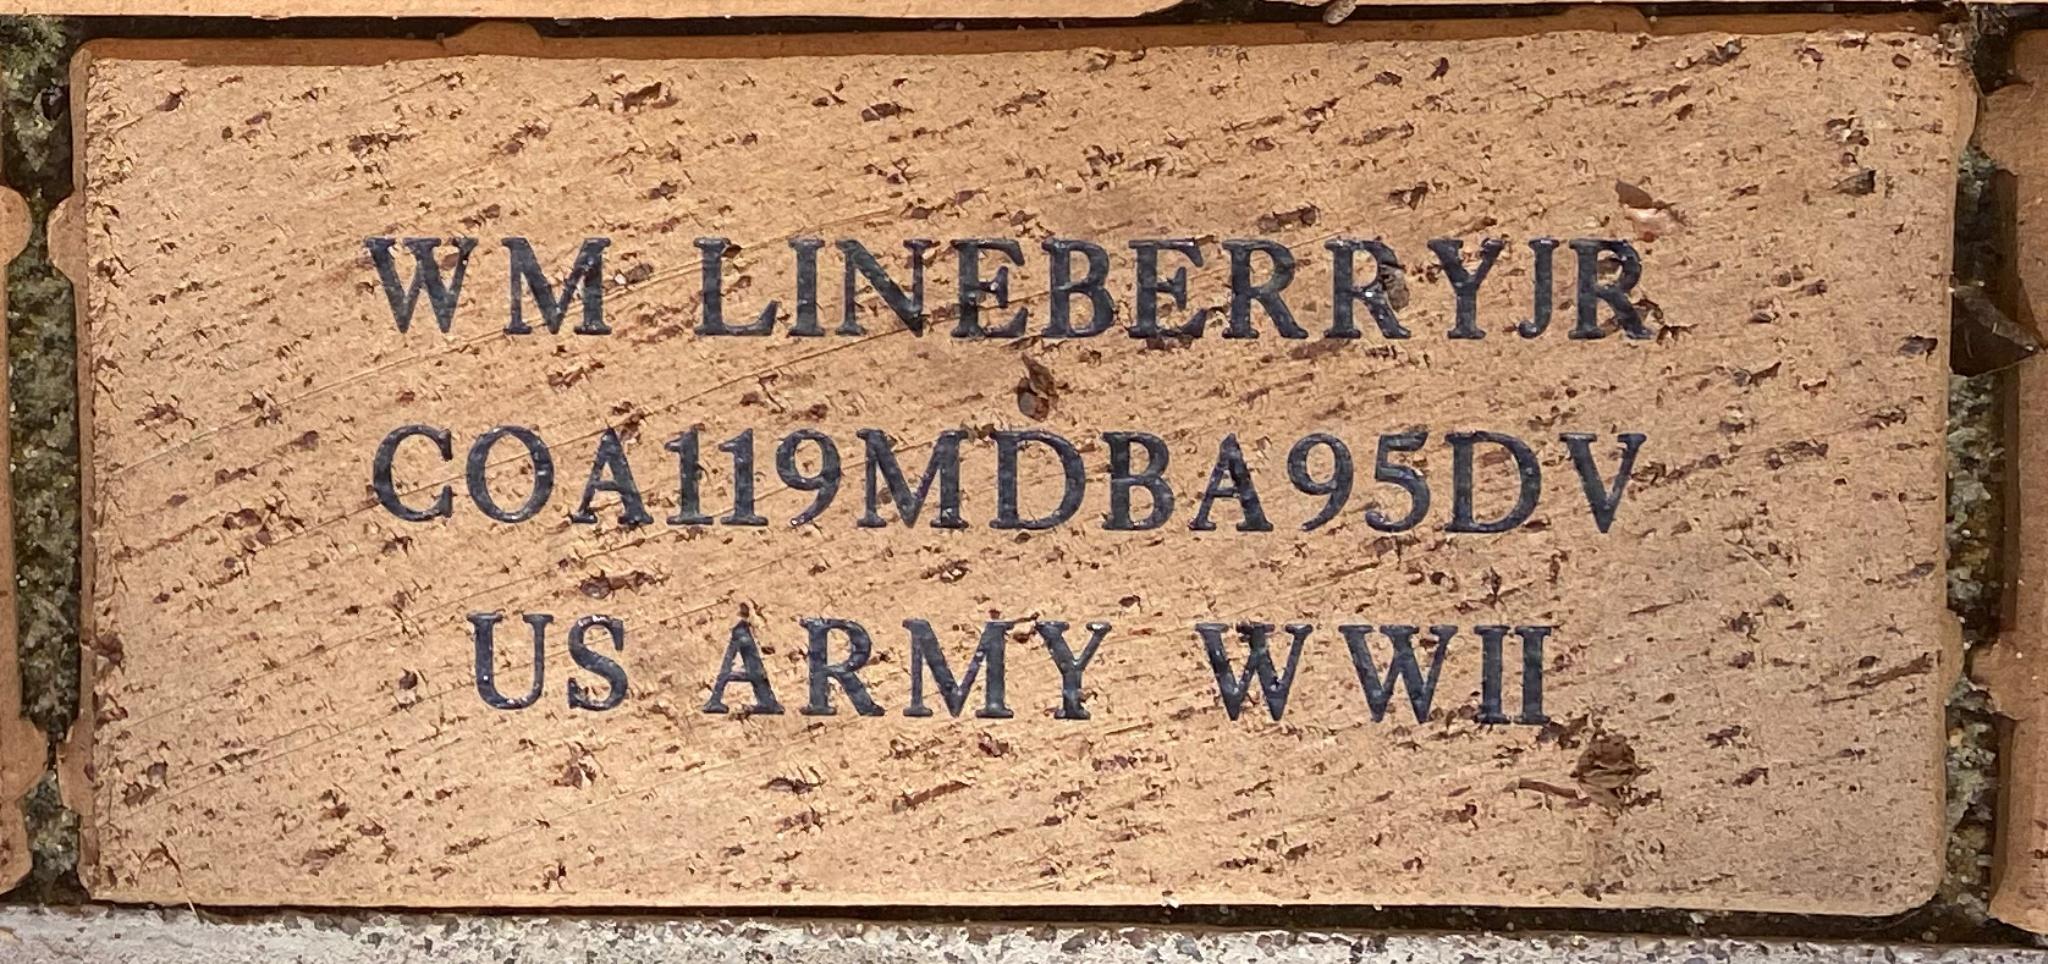 WM LINEBERRYJR COA119MDBA95DV US ARMY WWII